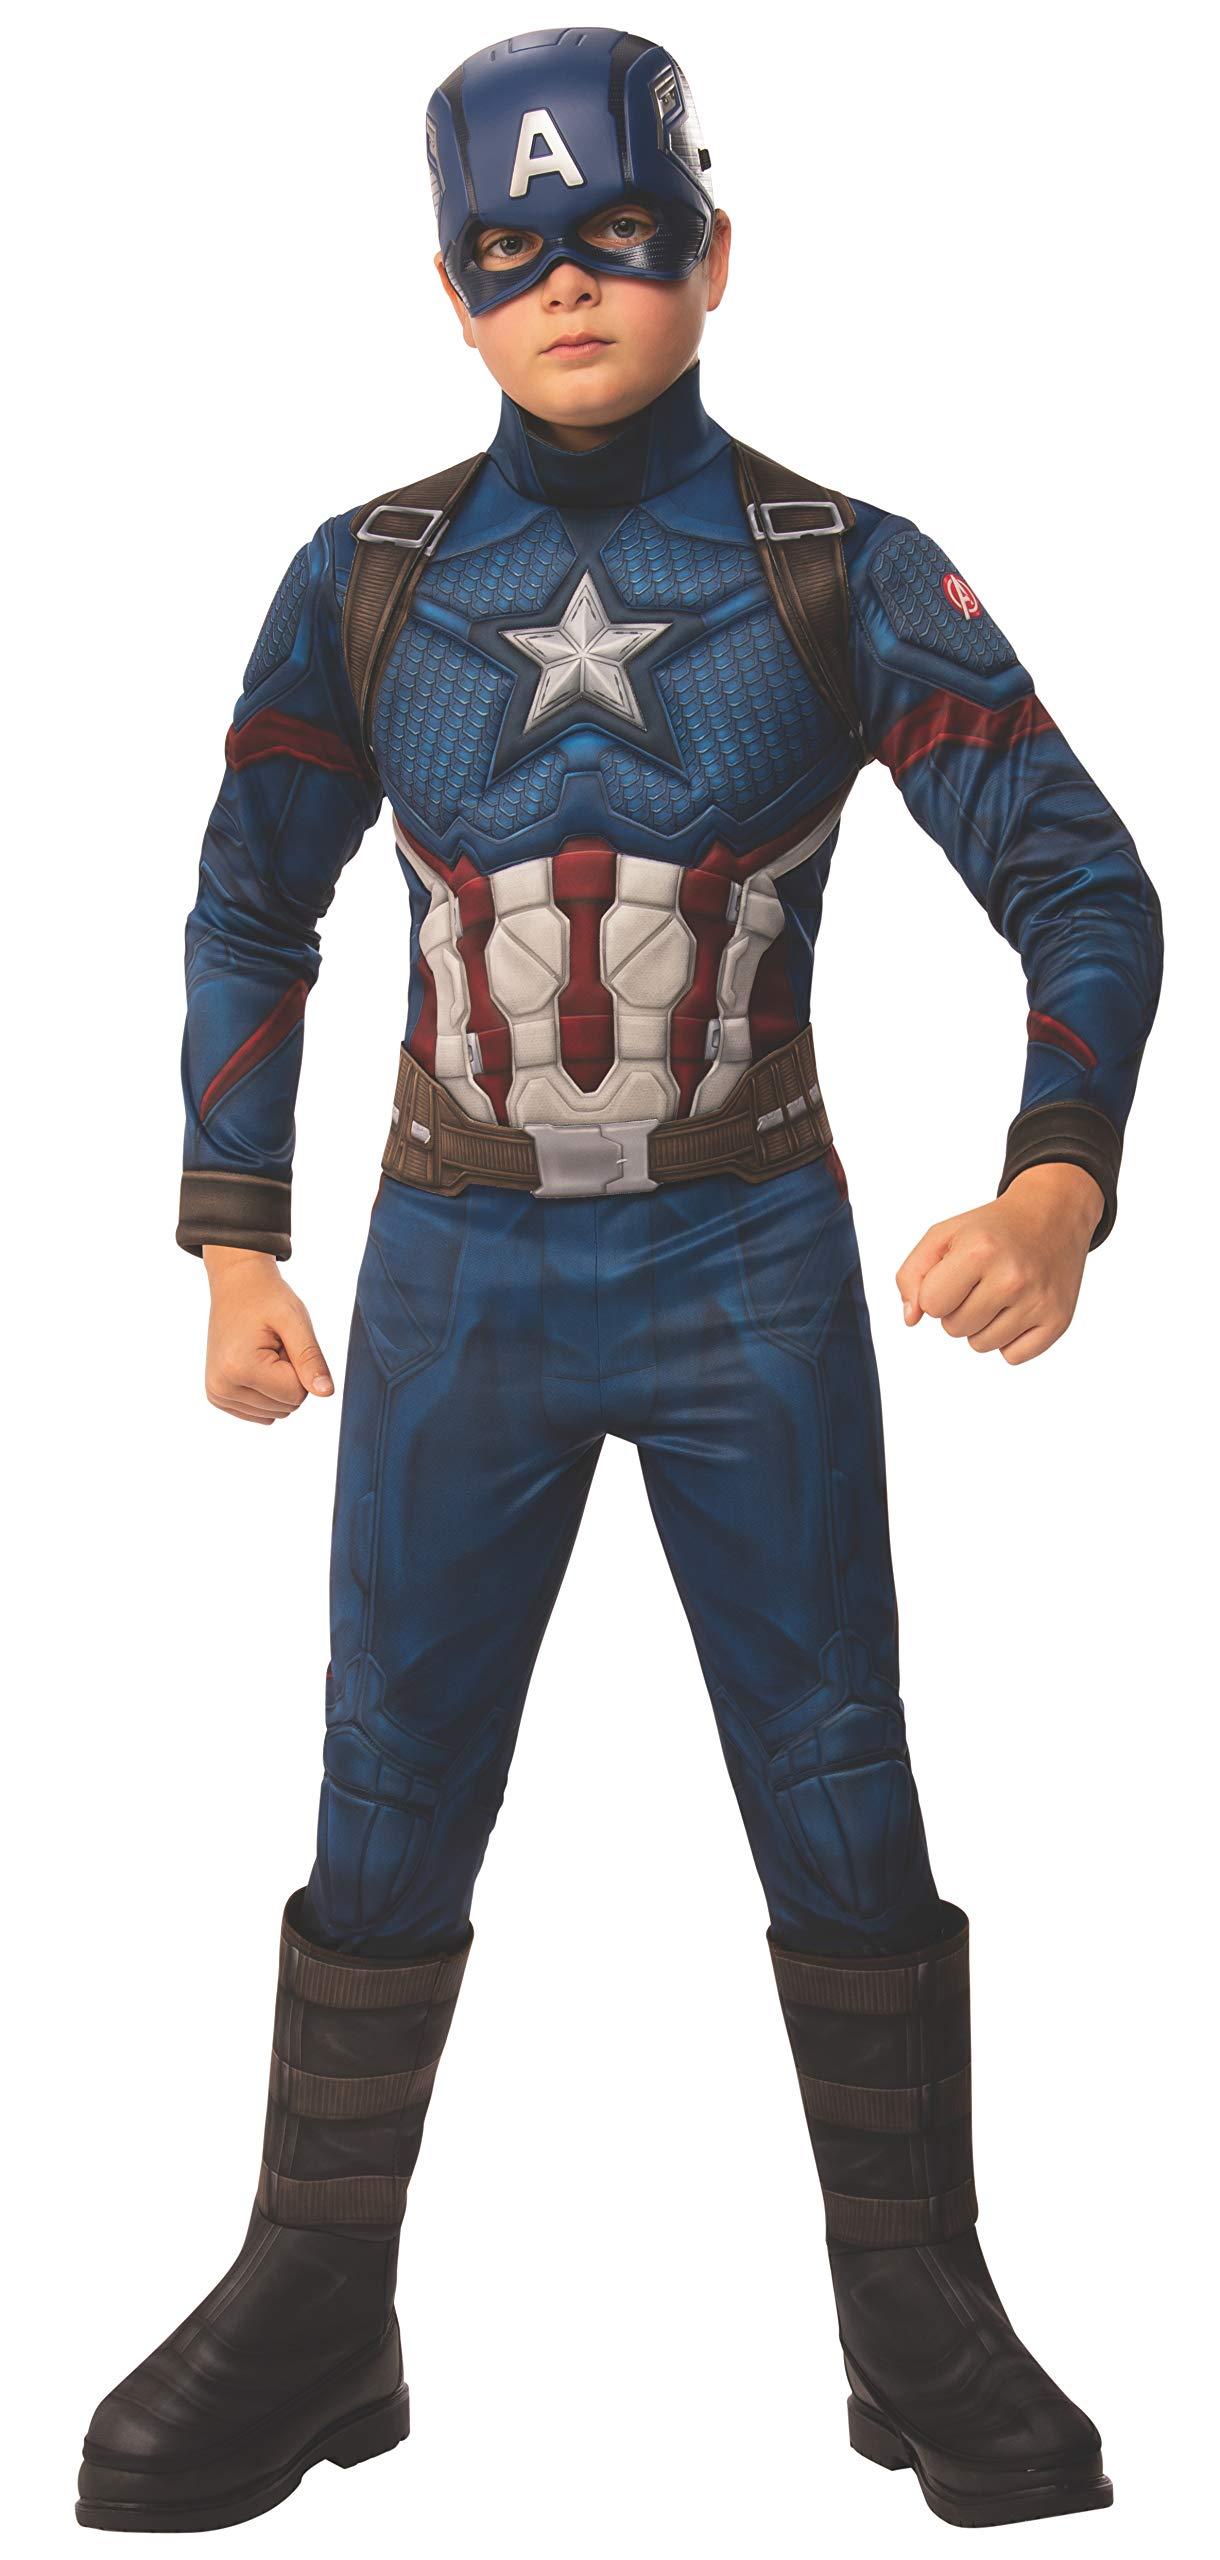 Rubie's Marvel Avengers: Endgame Deluxe Captain America Costume & Mask